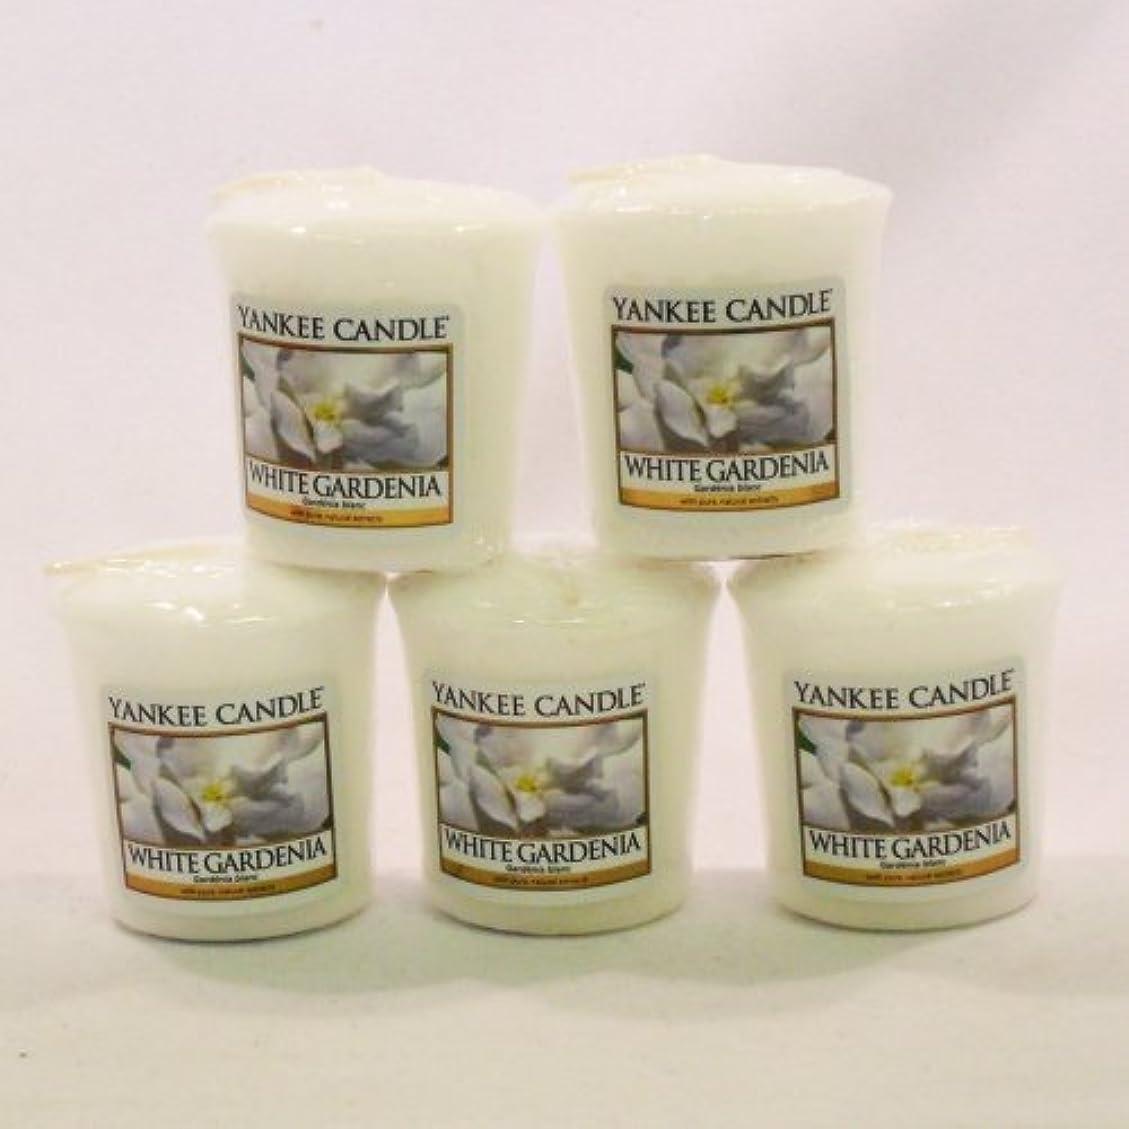 フラップ不確実導出Yankee Candleサンプラーvotives-yankee Candle – 5 xホワイトGardenia Votive Samplers – 新しい香りfor 2012 。